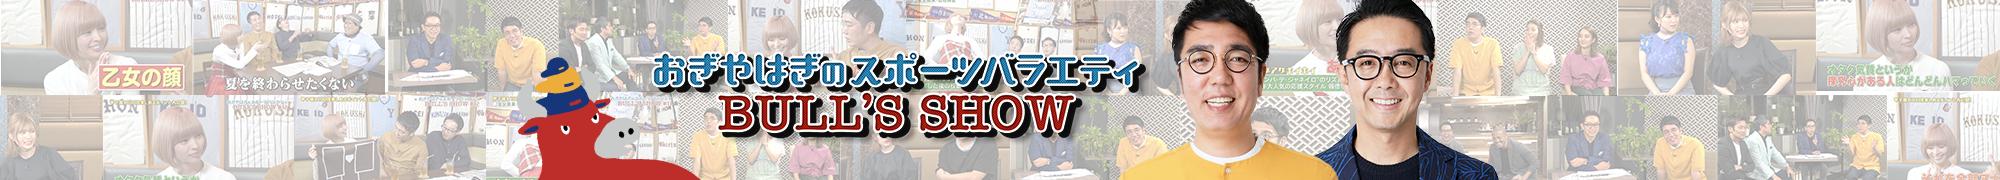 おぎやはぎのスポーツバラエティ「BULL'S SHOW」。この番組は毎月第3日曜日の午後9時から、MCおぎやはぎとスペシャルゲストたちがお届けする生配信番組!3ヶ月ぶりとなる今回は…